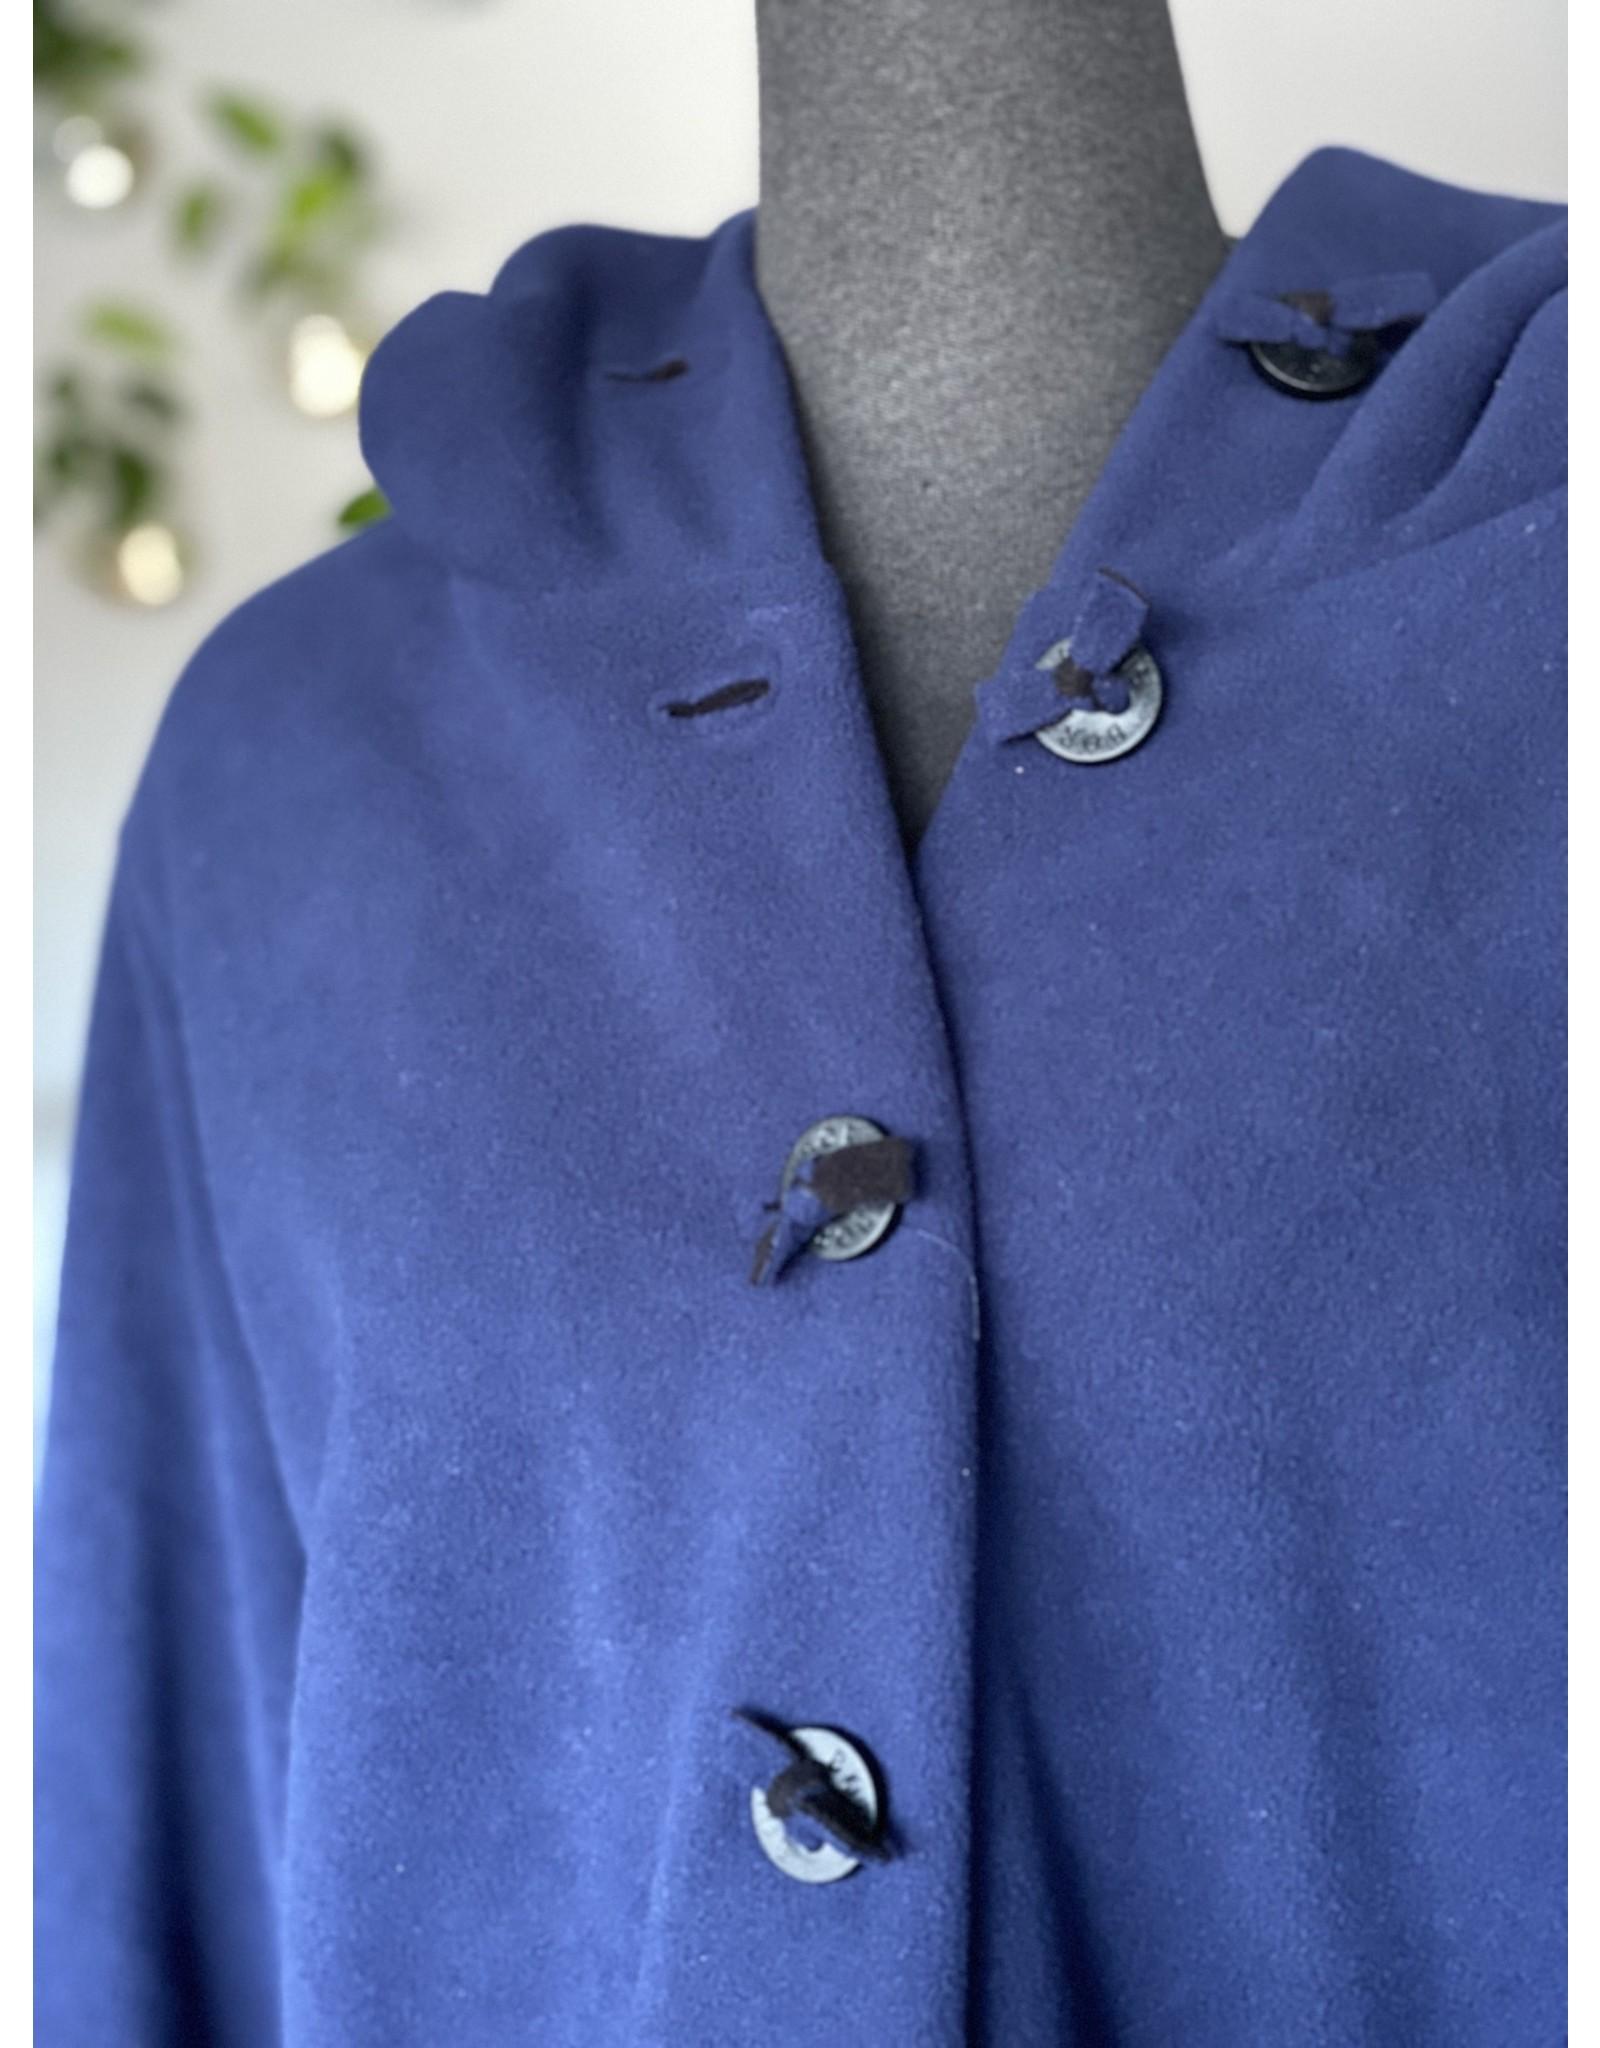 Boris Boris- Coat in Navy #1100